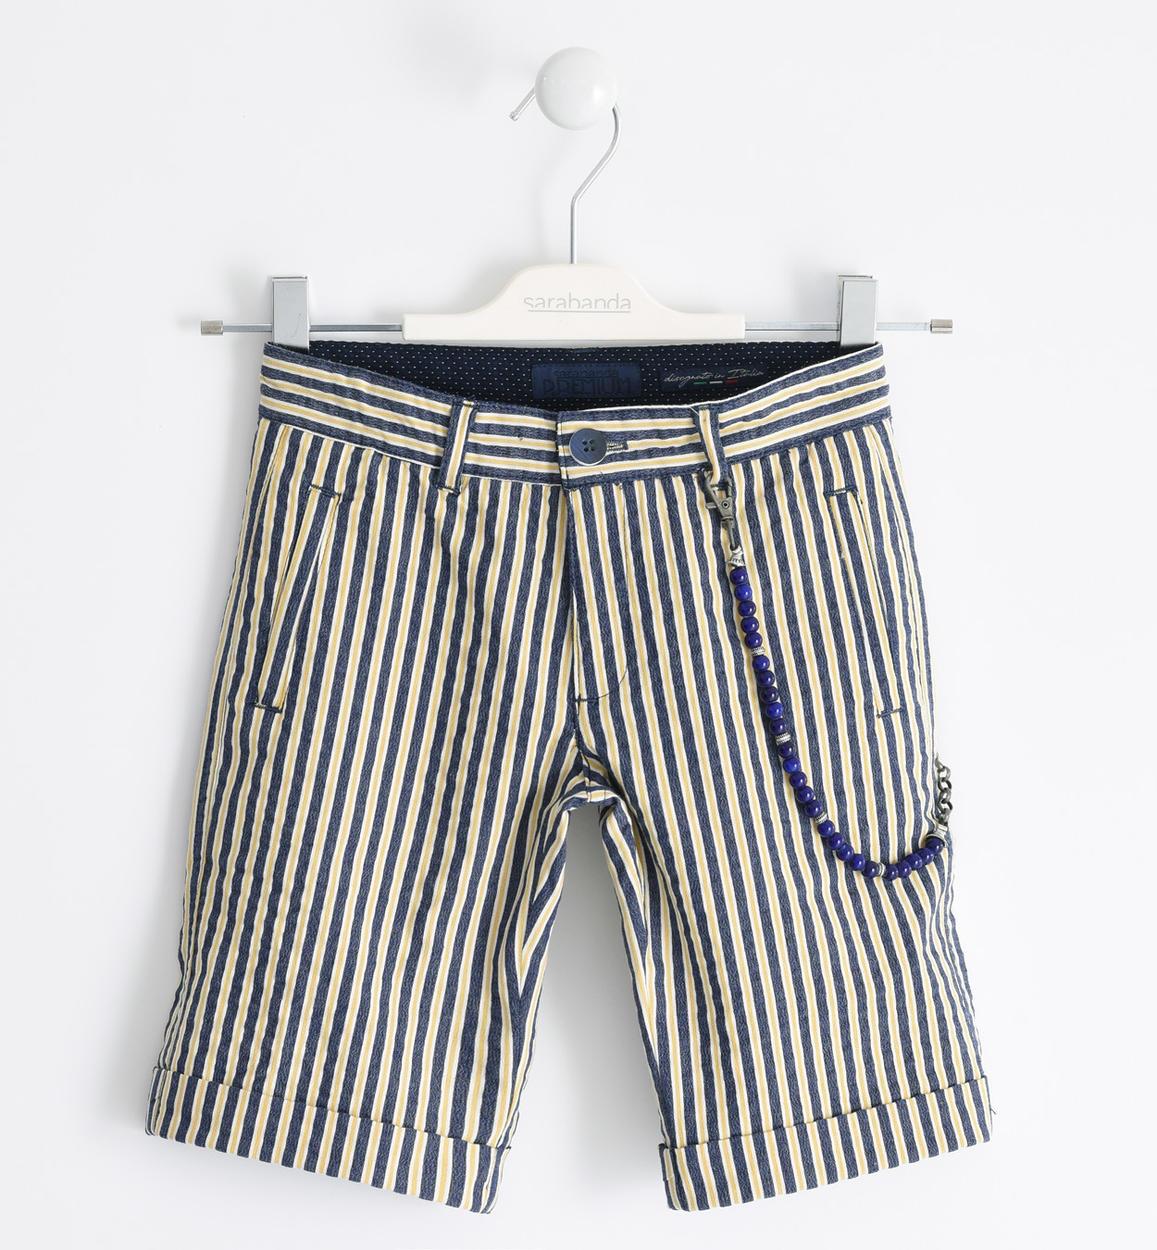 bermuda fiú csíkos rövidnadrág